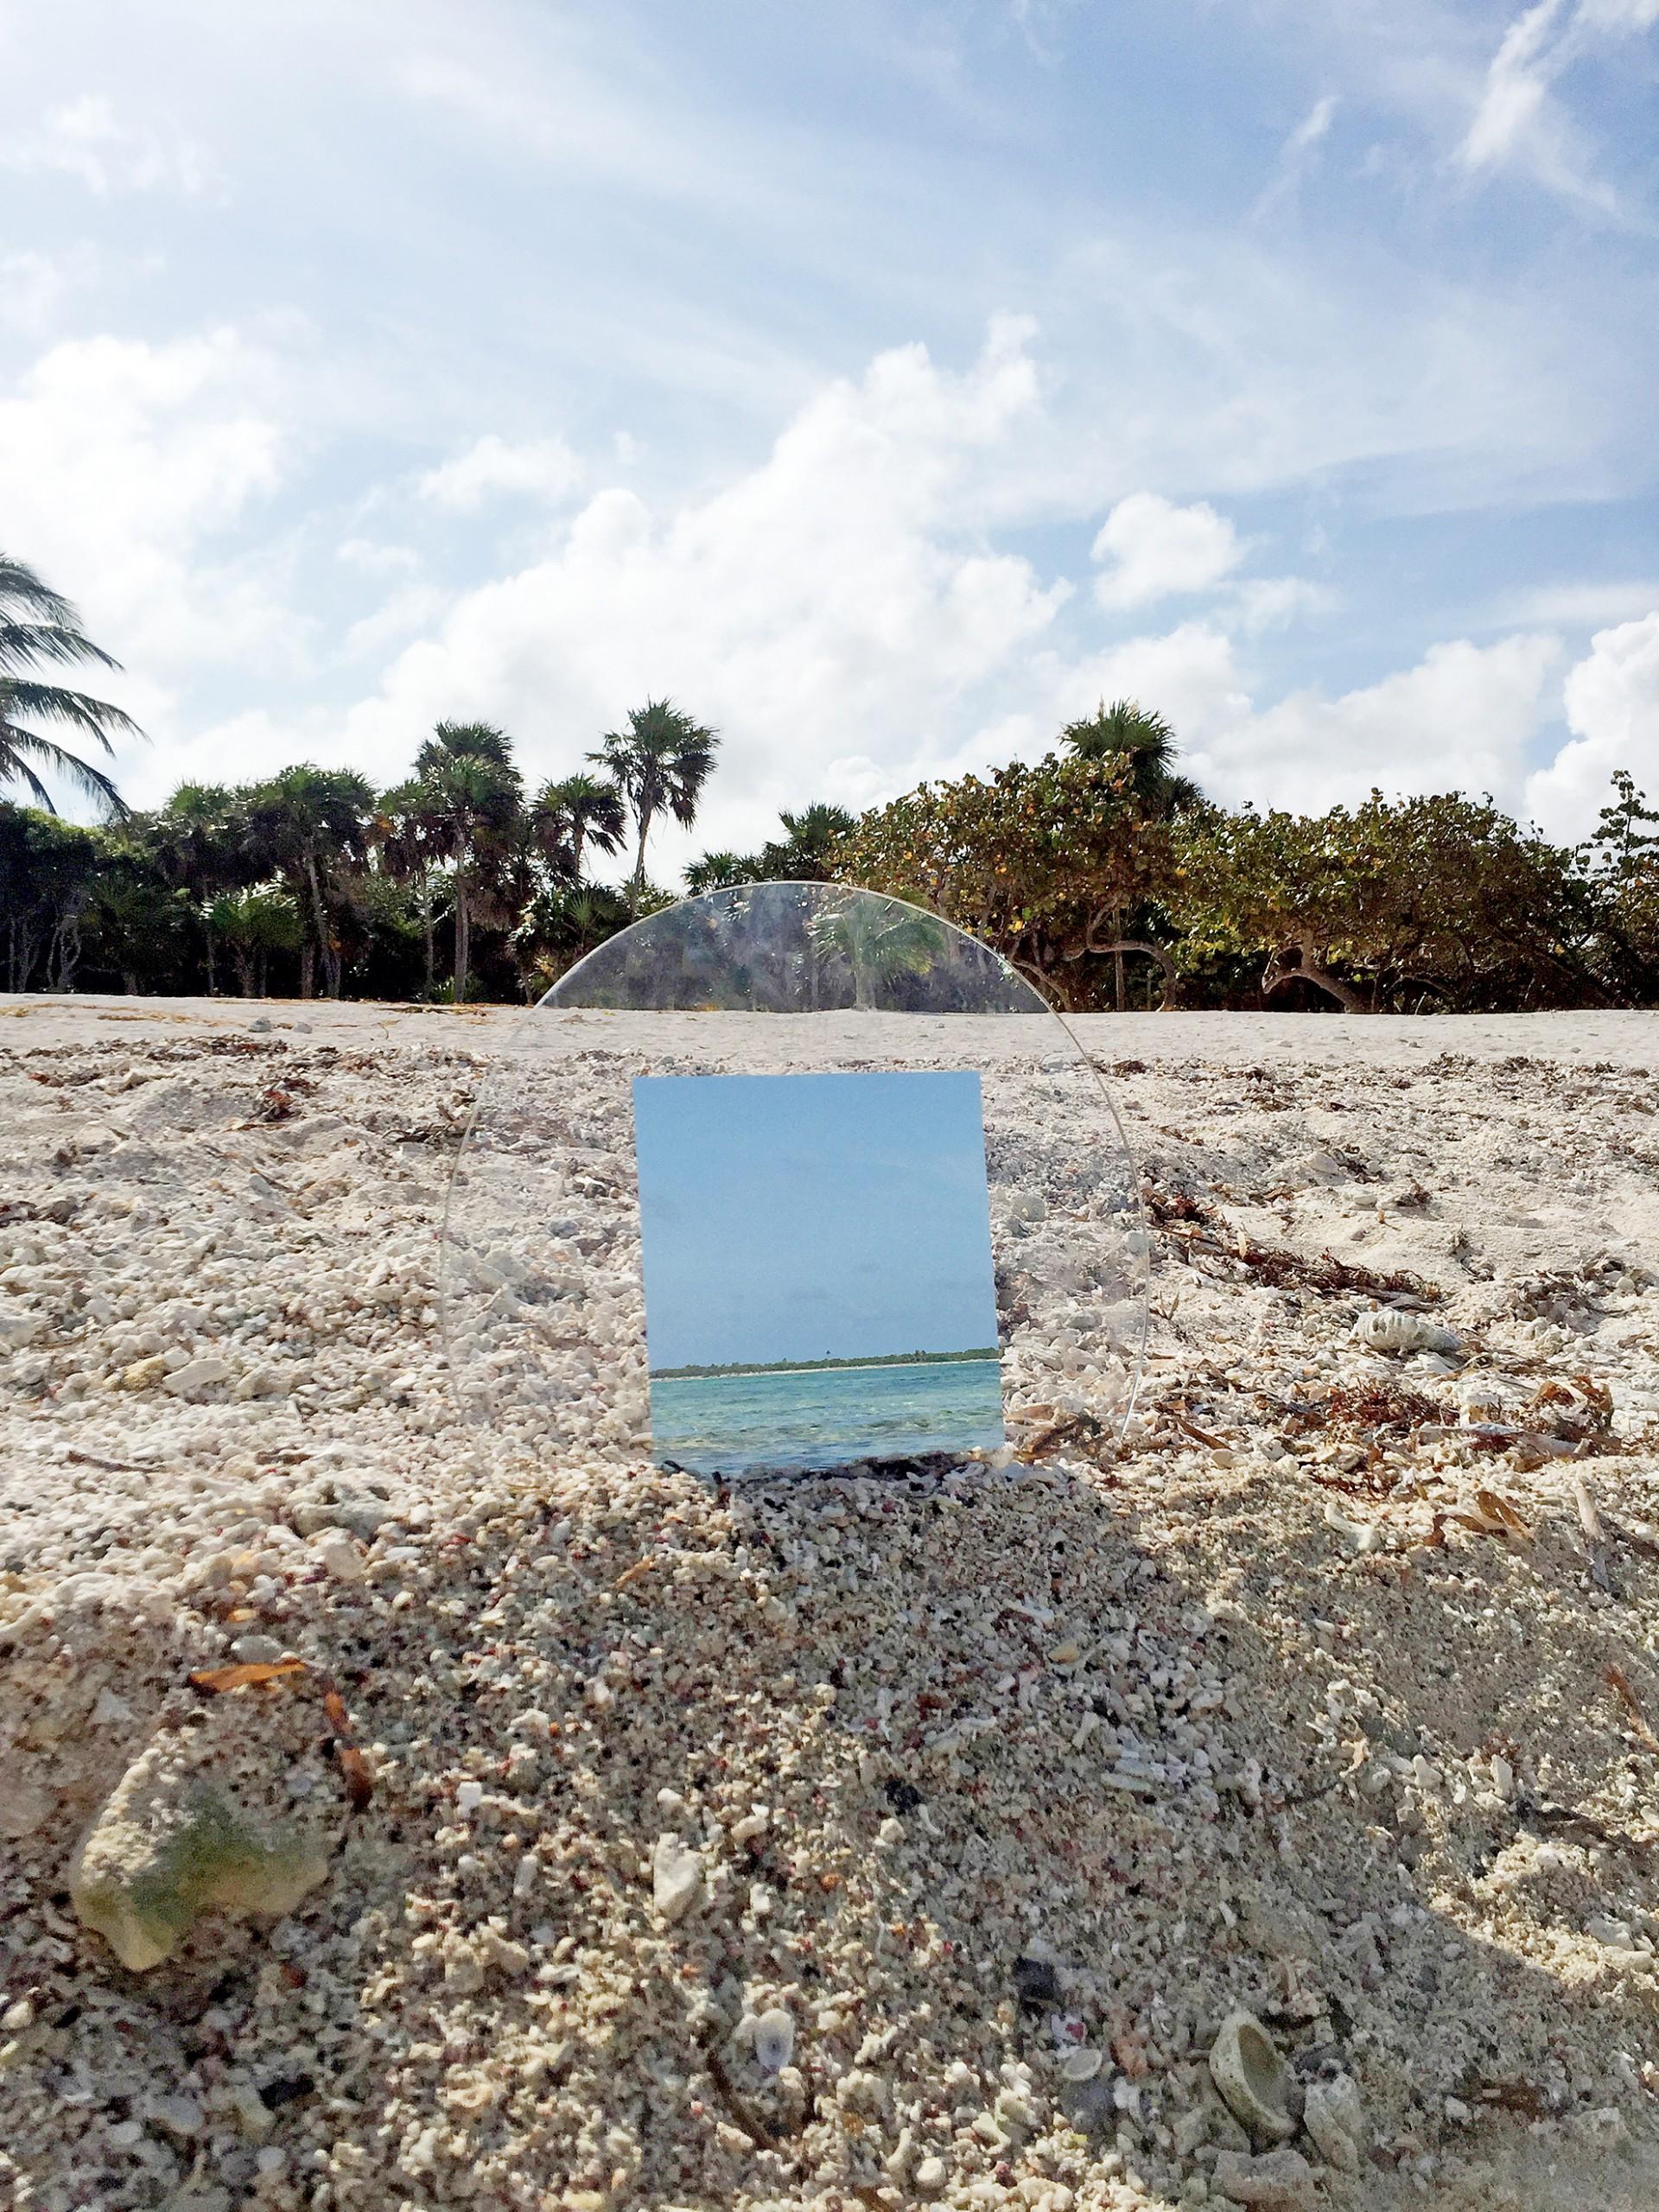 Joseph Magliaro Yucatan is Elsewhere